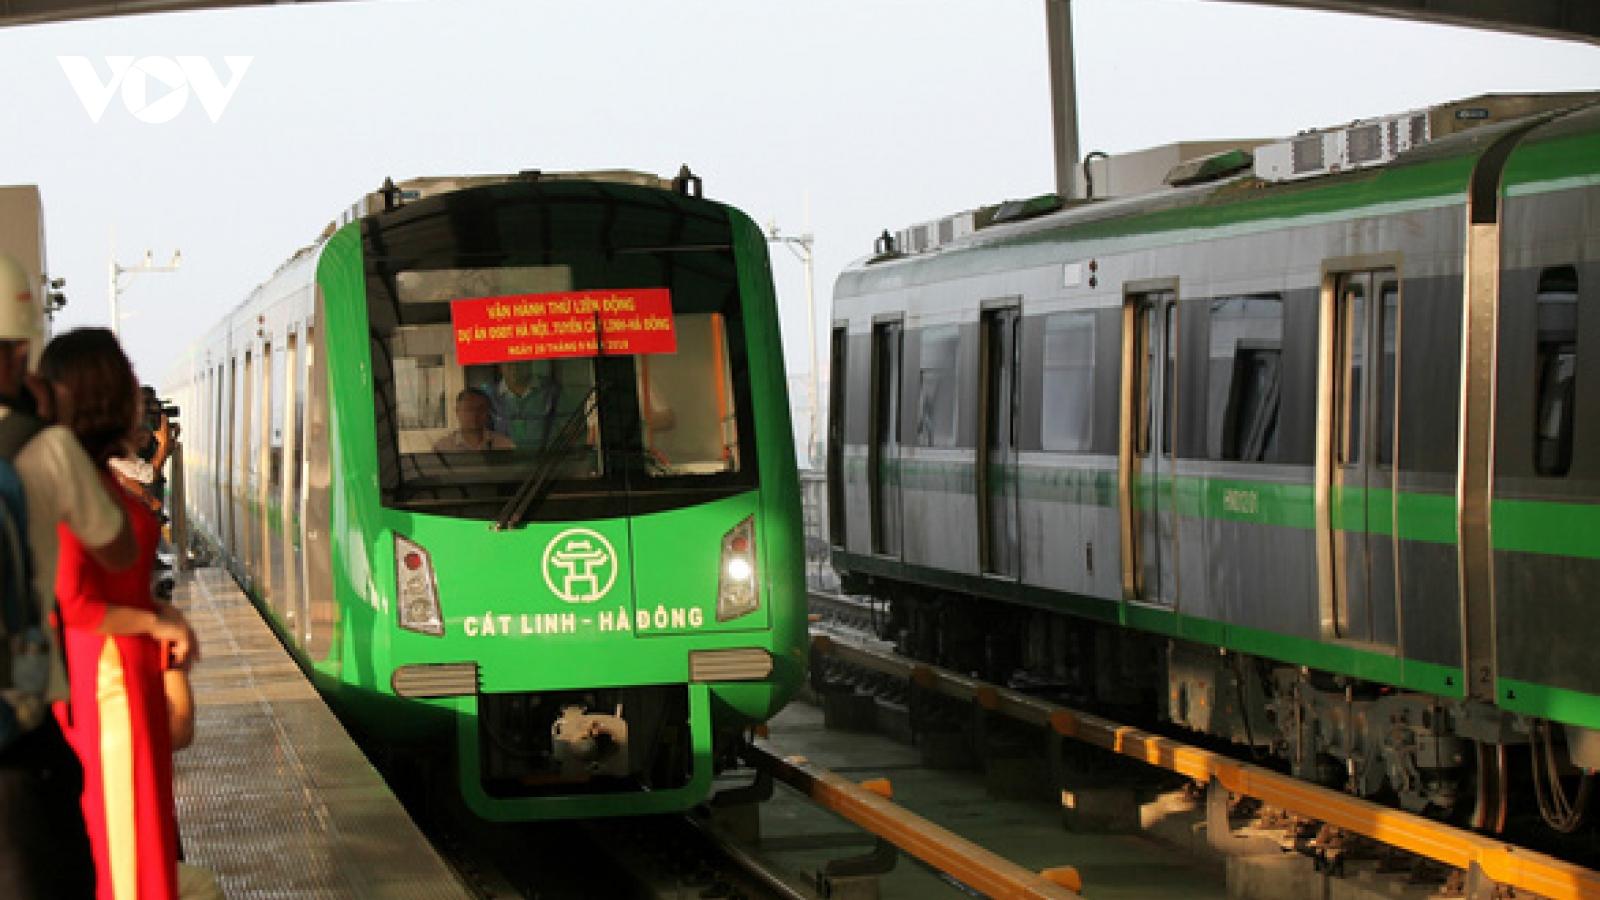 Đường sắt Cát Linh - Hà Đông sẽ được bàn giao đúng hẹn vào cuối tháng Ba?